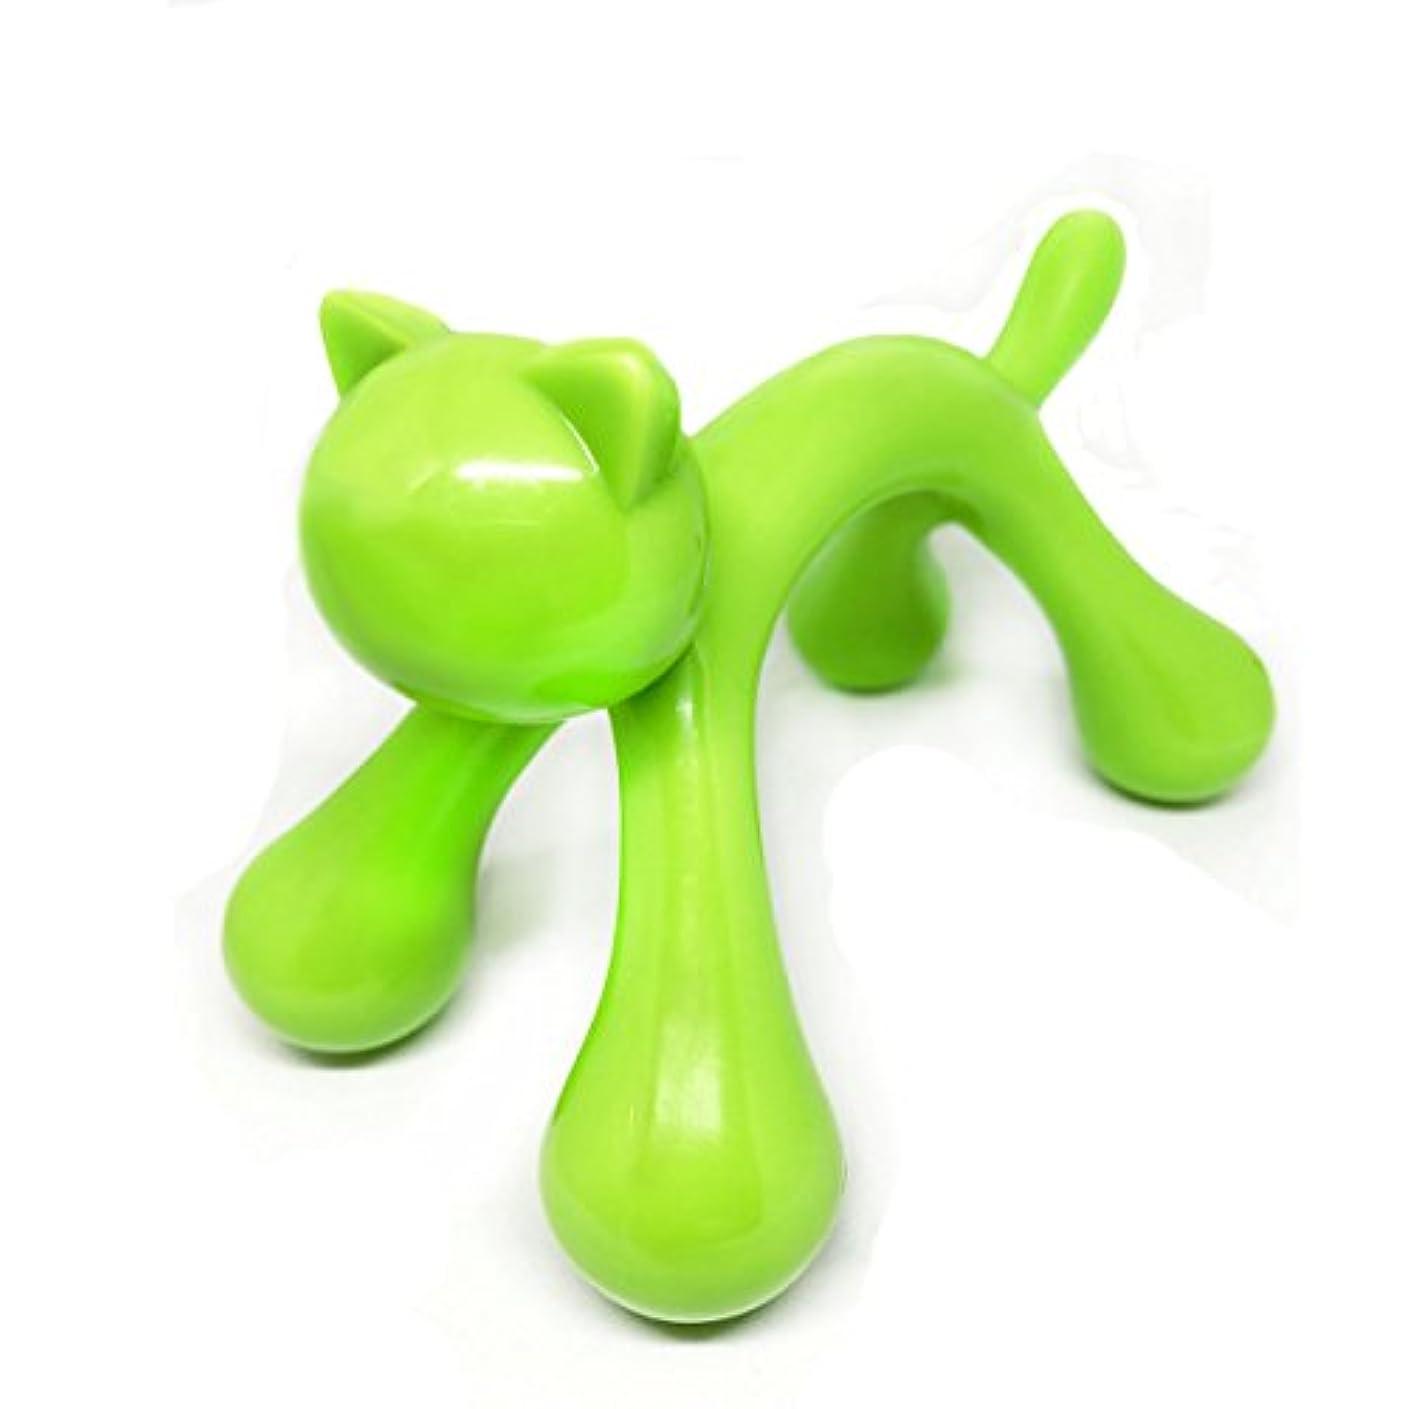 透ける収束する鍔マッサージ棒 ツボ押しマッサージ台 握りタイプ 背中 ウッド 疲労回復 ハンド 背中 首 肩こり解消 可愛いネコ型 (グリーン)